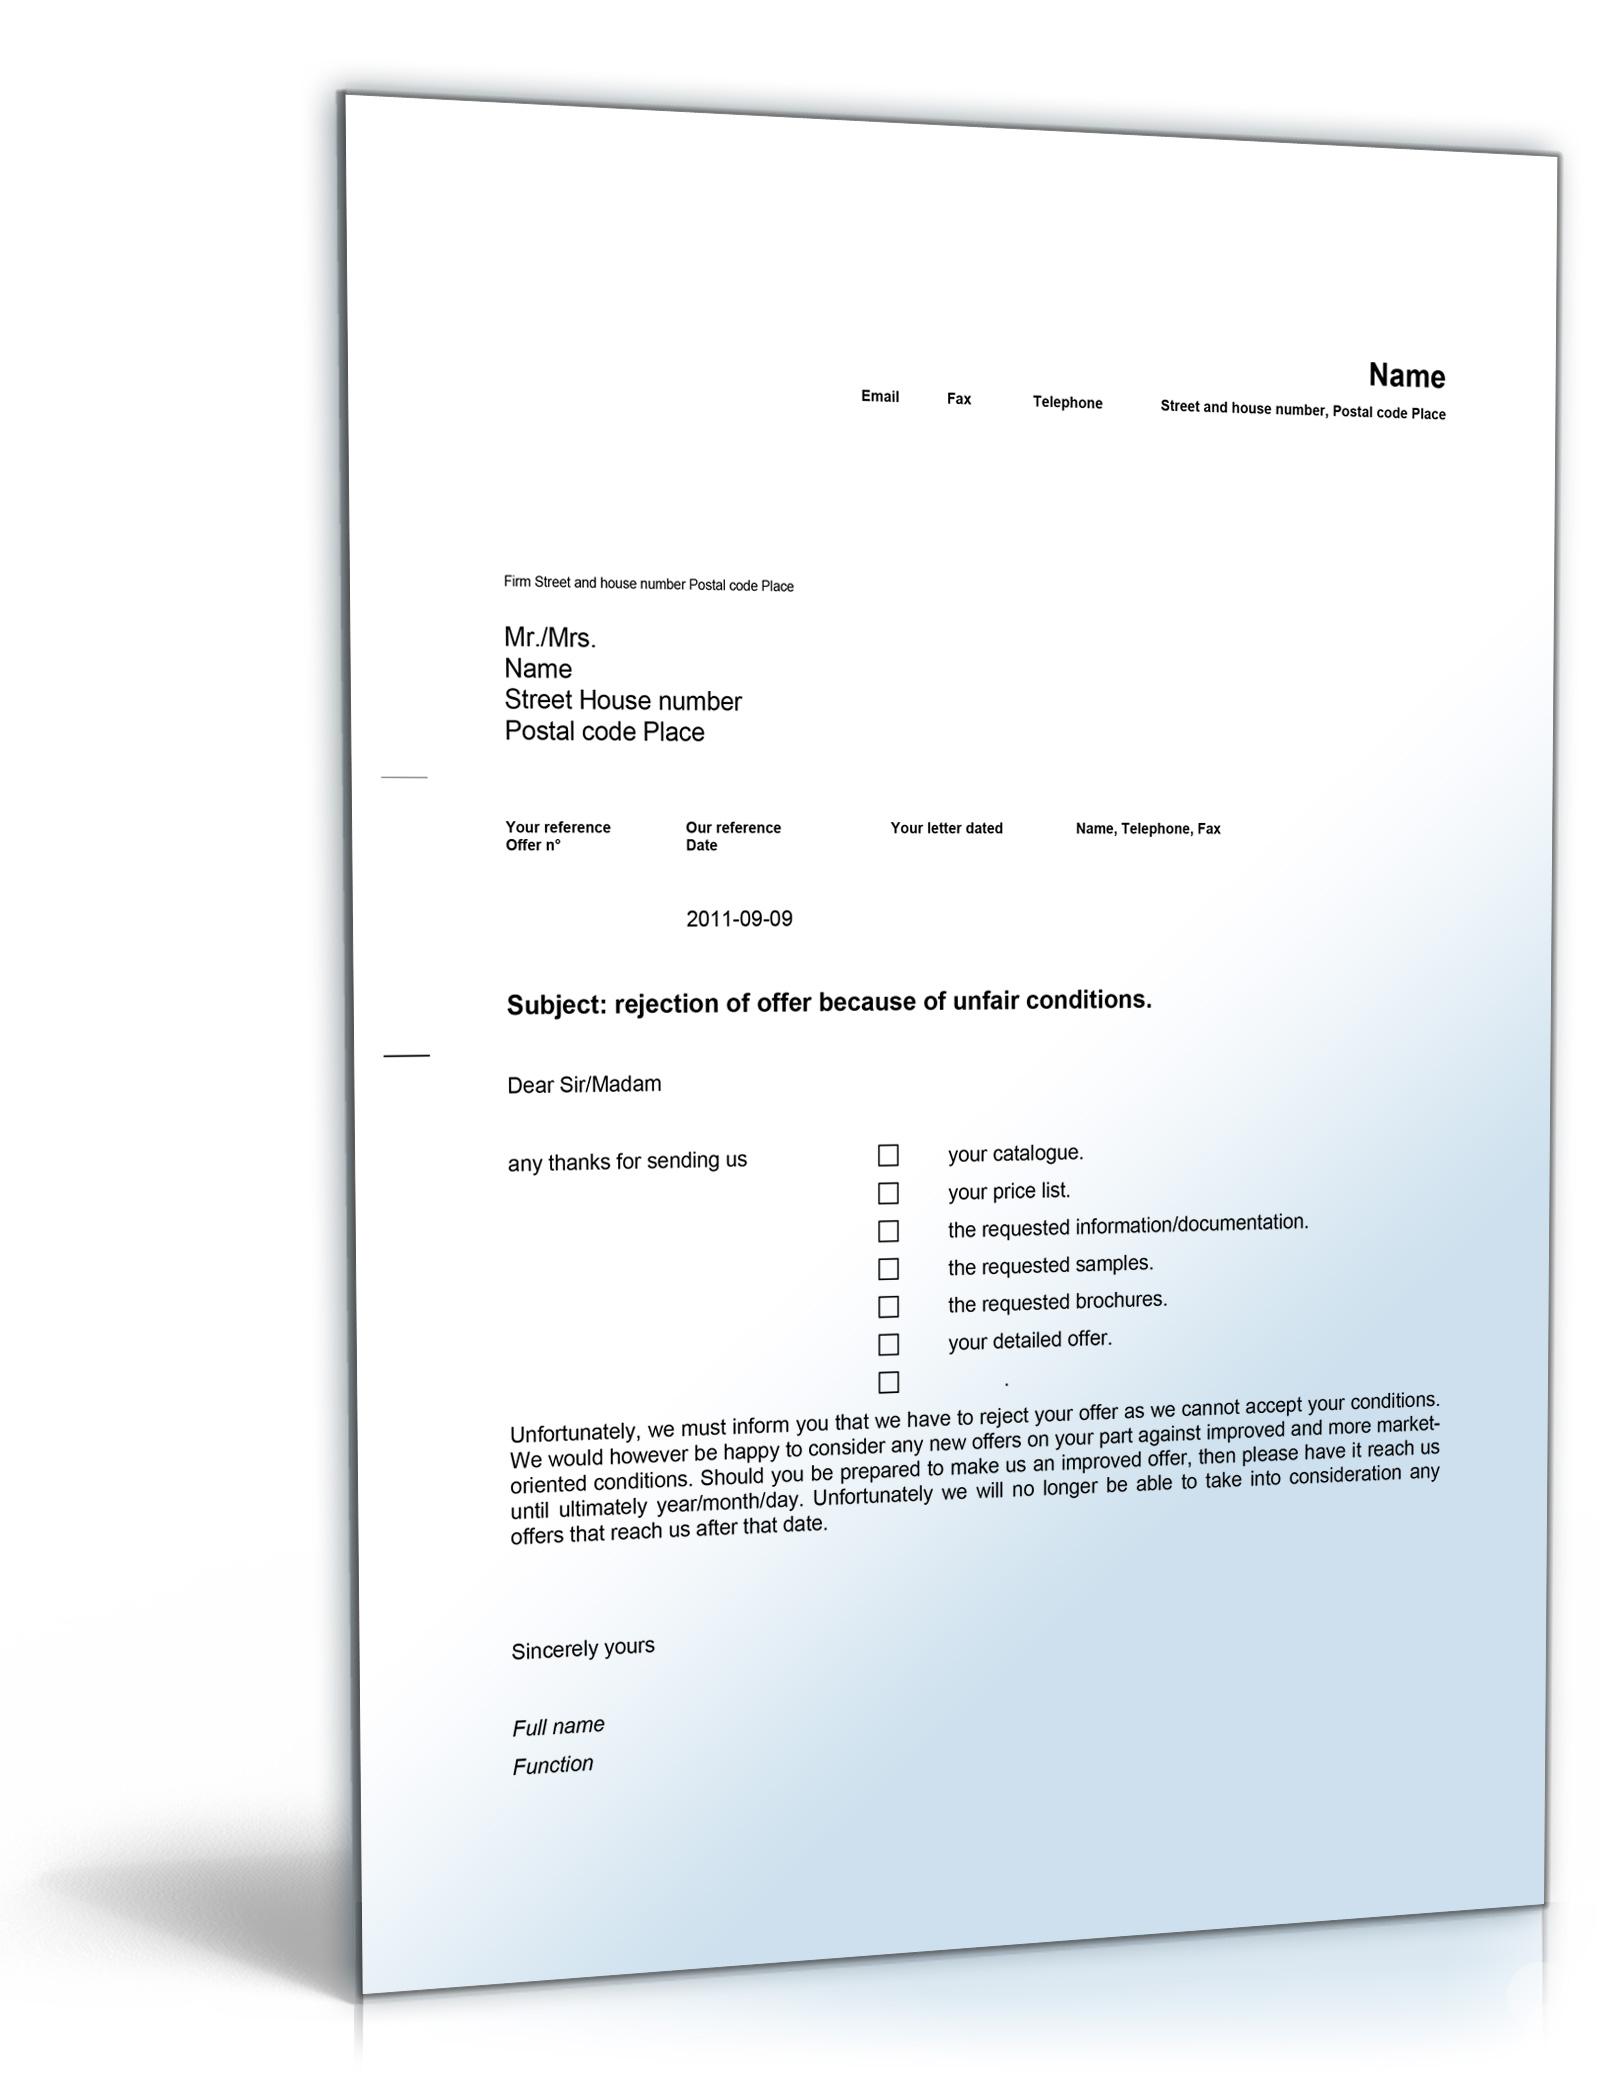 Geschäftsbrief Ablehnung Angebot Englisch Word Dokument Amazon